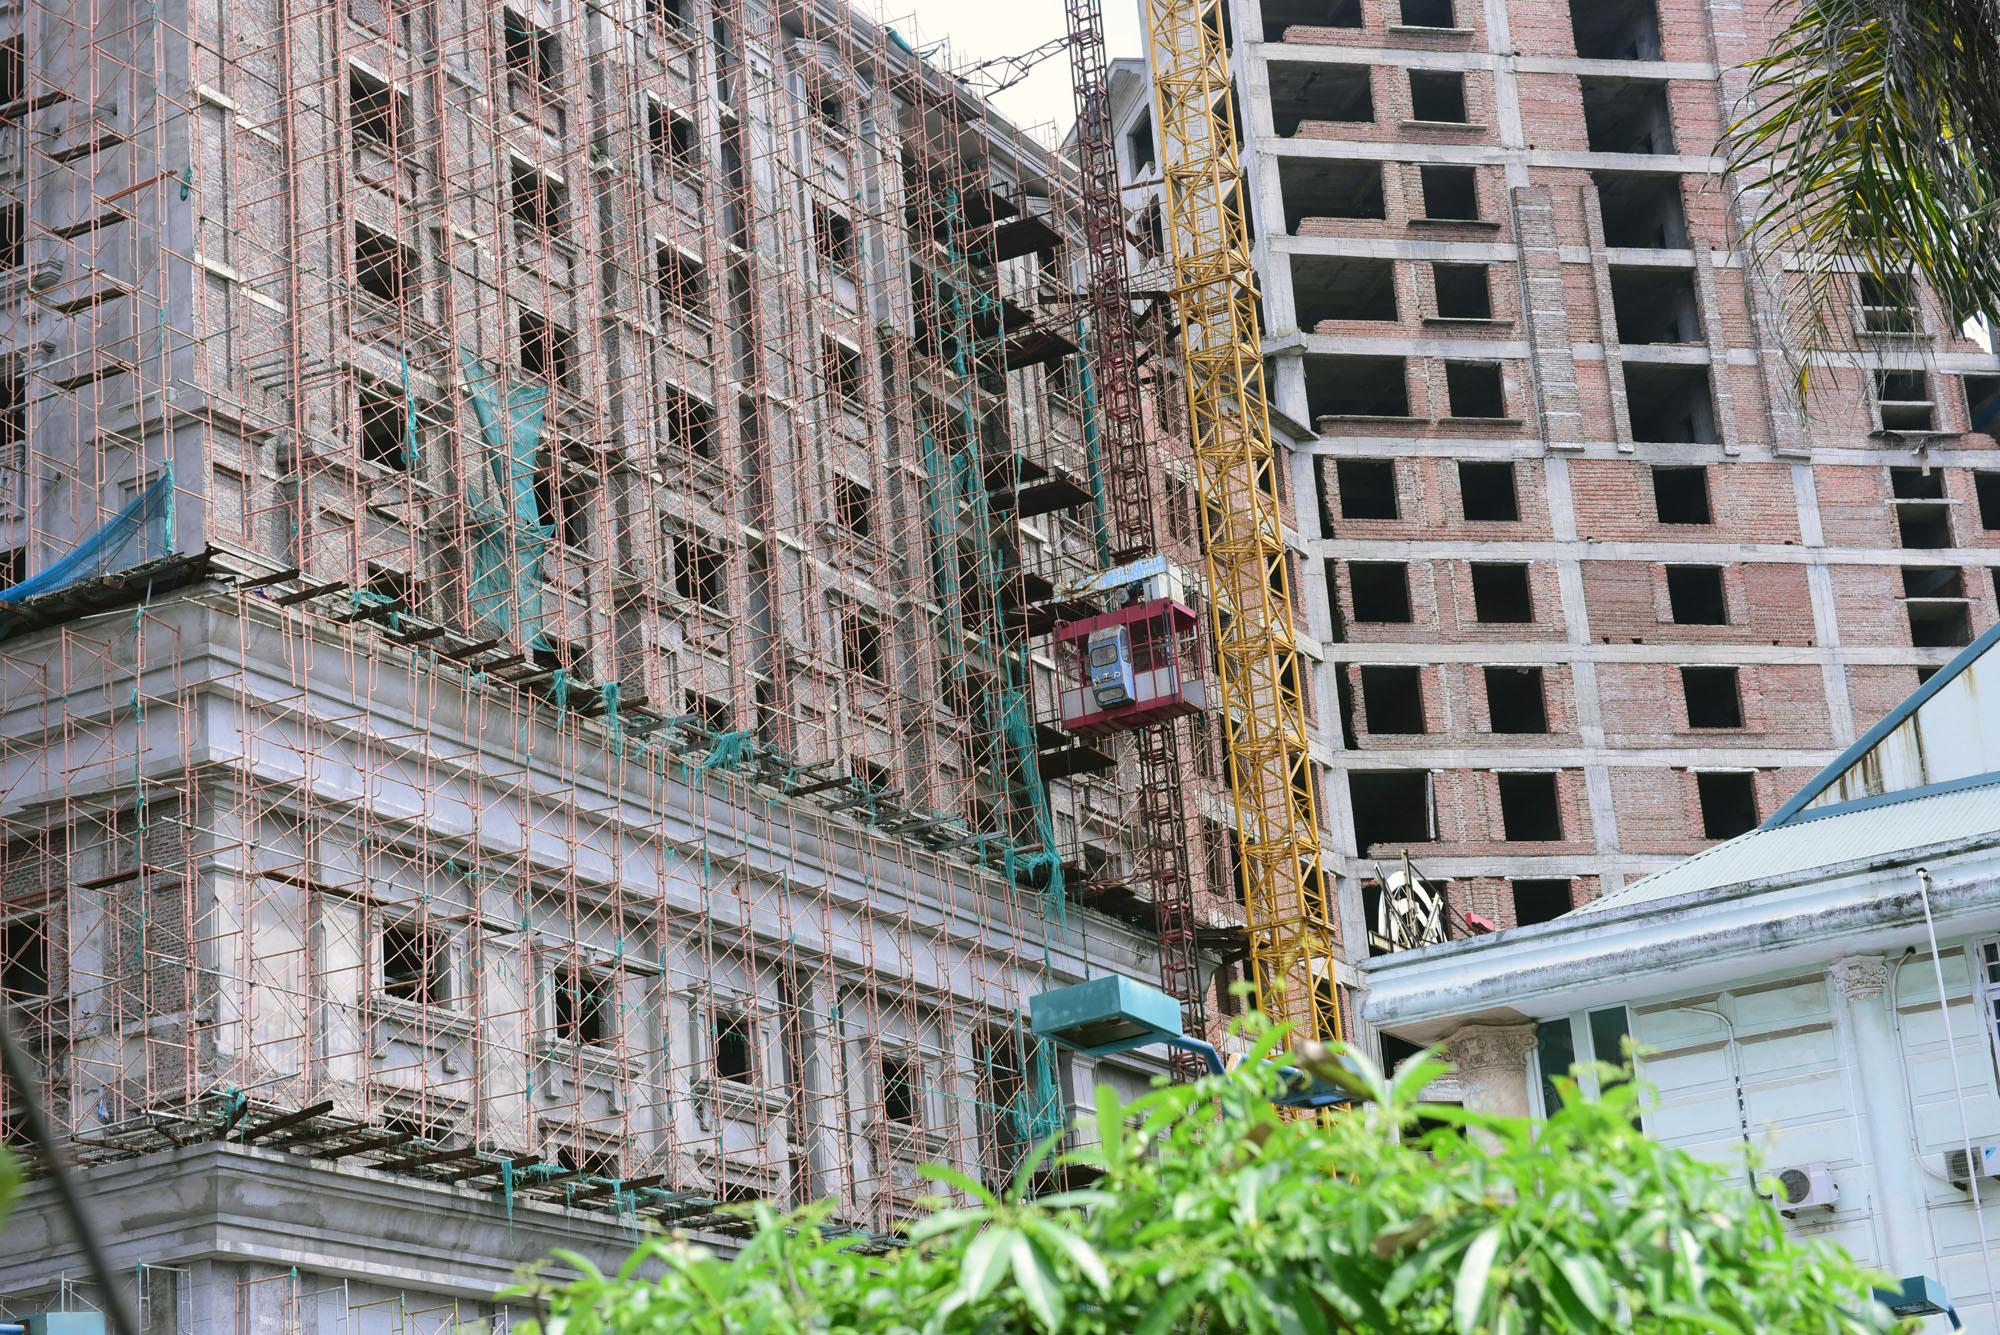 Dự án TTTM Hongkong London trên 'đất vàng' Từ Sơn, Bắc Ninh bỏ hoang nhiều năm - Ảnh 17.